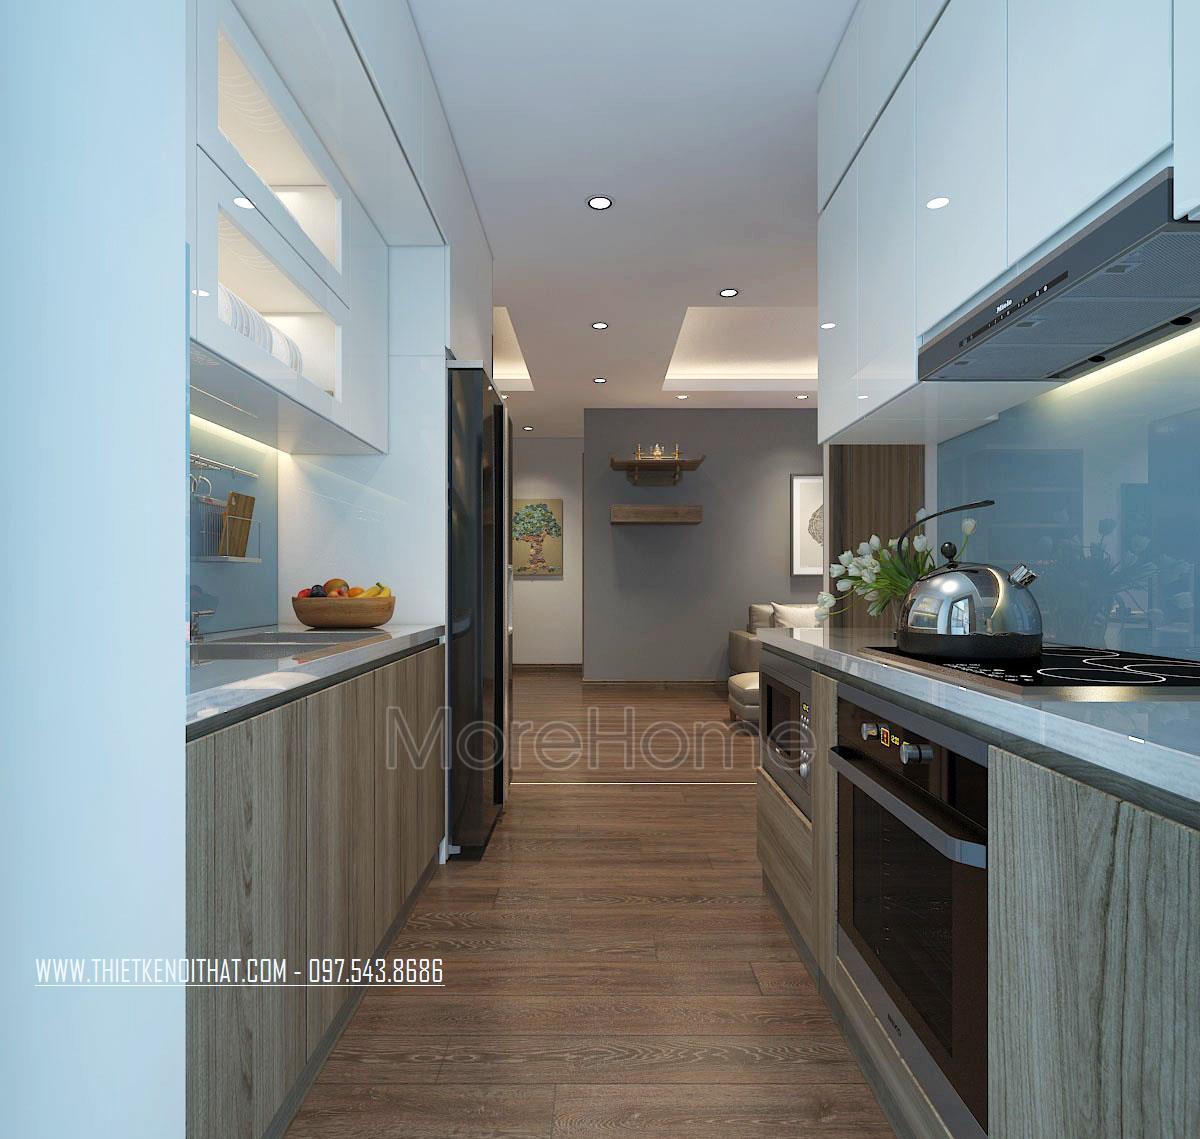 Thiết kế nội thất phòng bếp chung cư An Bình City